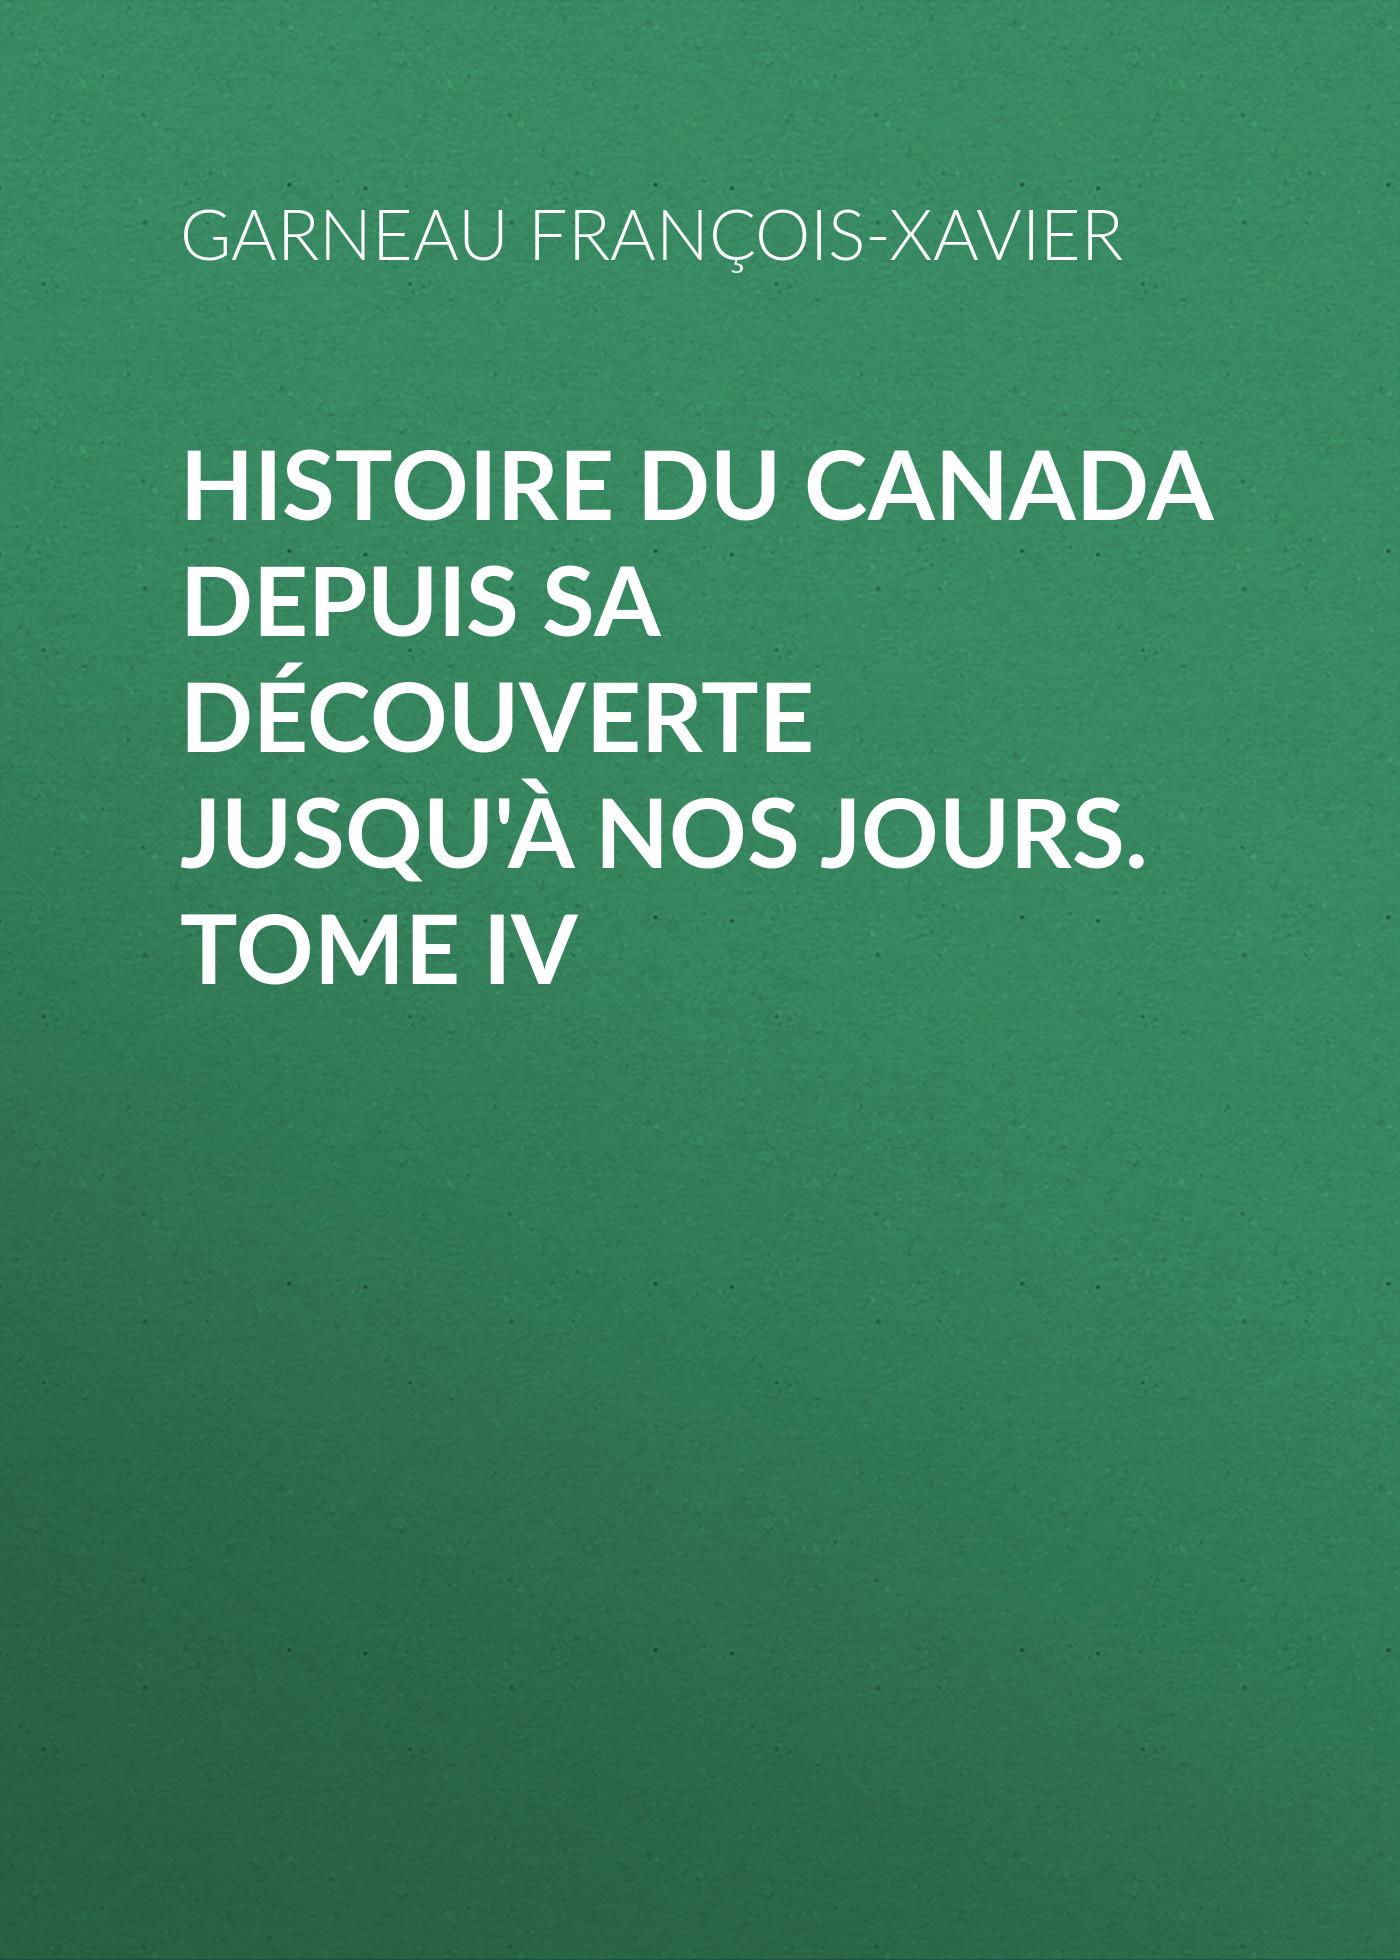 Garneau François-Xavier Histoire du Canada depuis sa découverte jusqu'à nos jours. Tome IV цена 2017